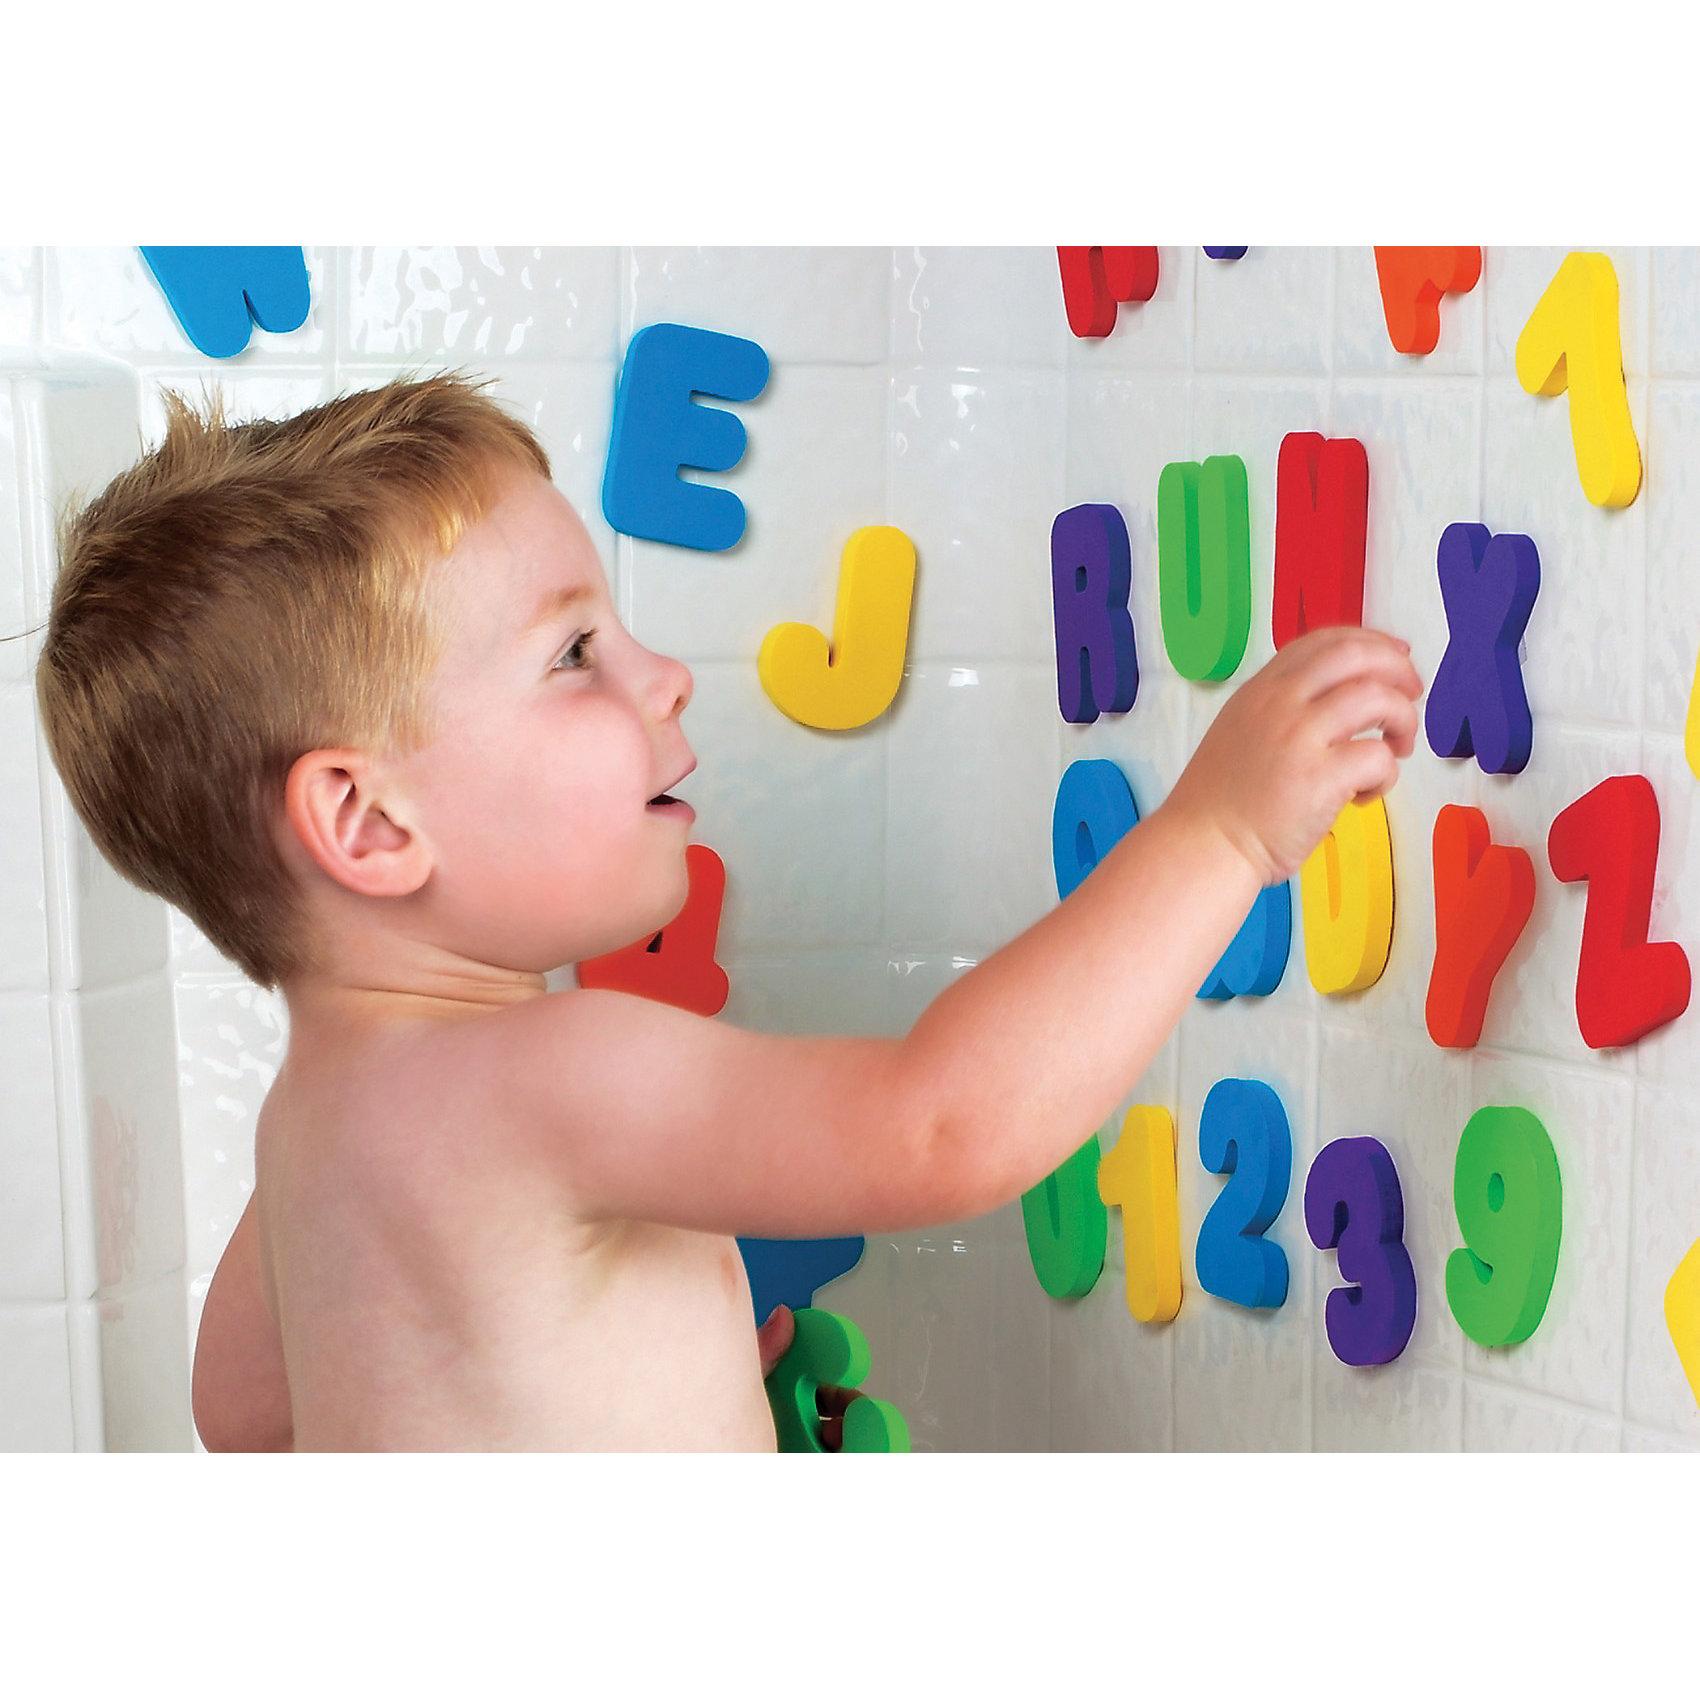 Игрушка для ванной Буквы и Цифры от 24мес, MunchkinДети любят учиться везде ... так почему бы не в ванной? ·Плавающие разноцветные буквы и цифры обеспечивают безграничные возможности для увлекательной игры, во время которой запоминание букв и цифр происходит незаметно и без усилий. Когда буквы и цифры влажные, их можно прилепить на стену ванной, чтобы составлять из них различные слова и числа.<br>Буквы и цифры изготовлены из легкой, мягкой и прочной нетоксичной пены. Ими можно играть, бросать в воду, складывать - все, что угодно!<br><br>Дополнительная информация:&#13;<br>&#13;<br>- материал: пена&#13;<br>- размеры: 8 х 5,5 х 1 см&#13;<br>- в комплекте: 26 букв, 10 чисел&#13;<br><br>Игрушку для ванной Буквы и Цифры от 24мес, Munchkin можно купить в нашем магазине.<br><br>Ширина мм: 56<br>Глубина мм: 200<br>Высота мм: 254<br>Вес г: 294<br>Возраст от месяцев: 12<br>Возраст до месяцев: 48<br>Пол: Унисекс<br>Возраст: Детский<br>SKU: 3717330